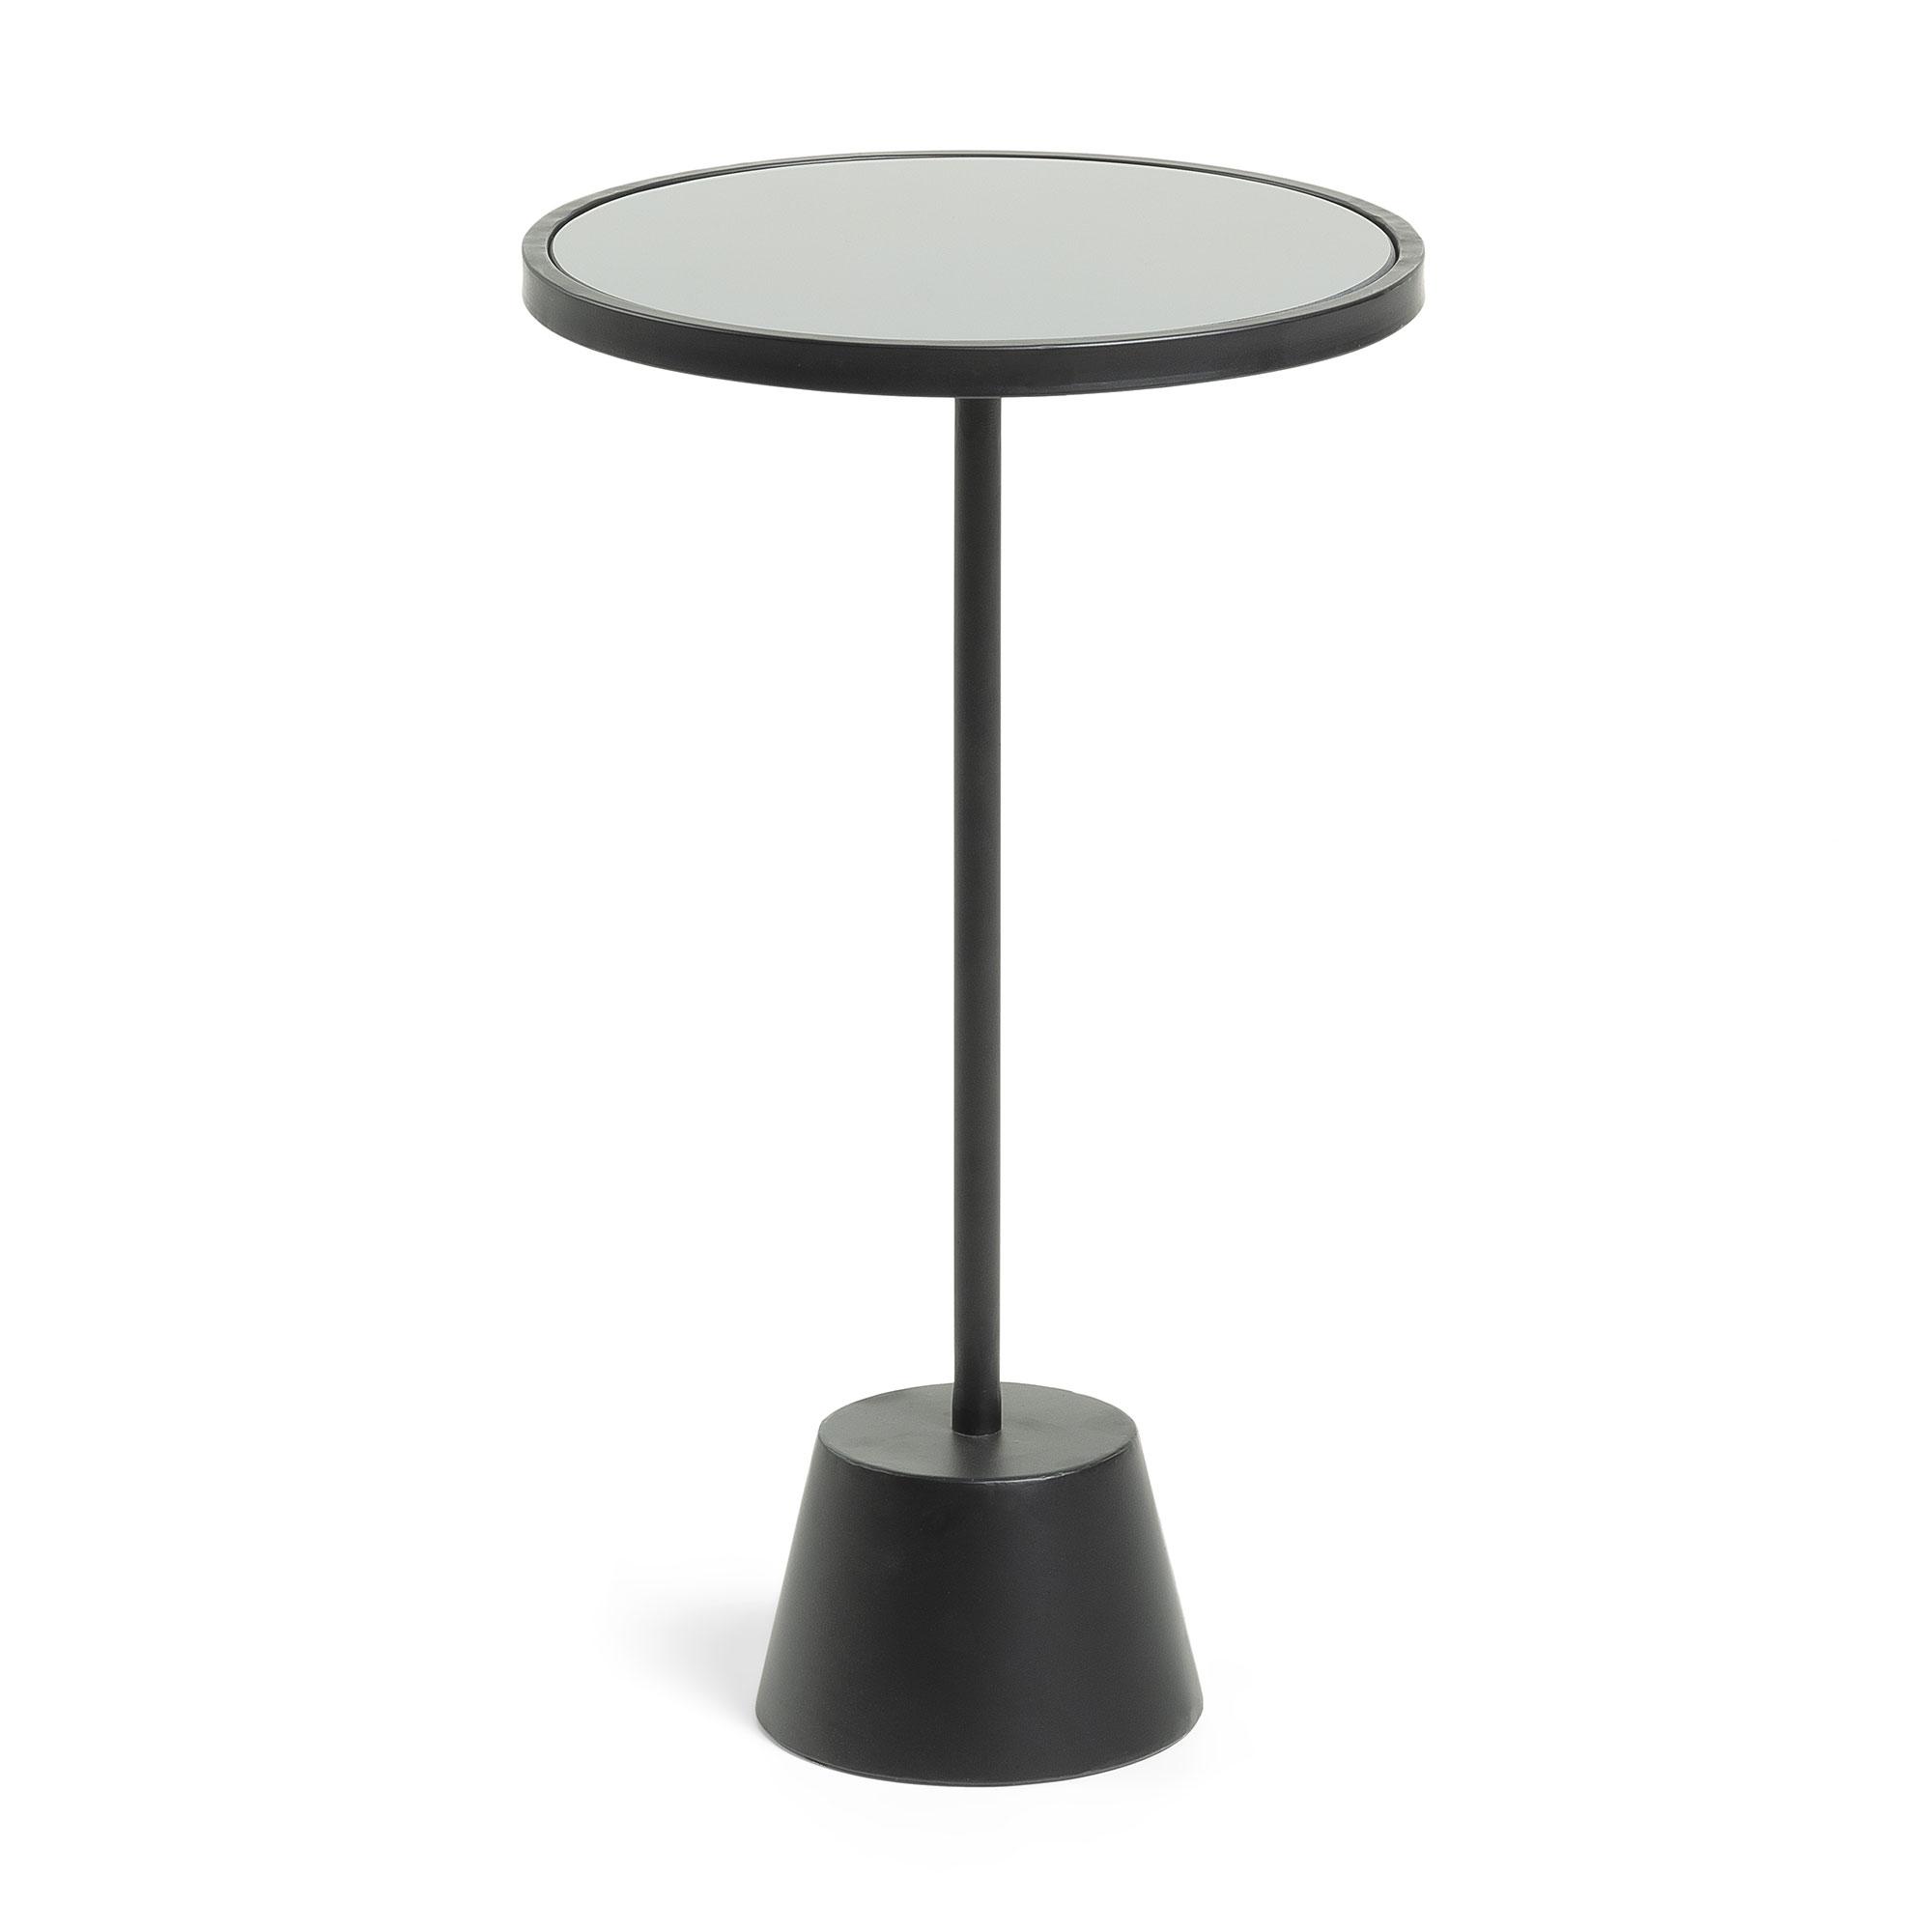 Laforma morrison sidebord - sort glas/metal, rund (ø35) fra laforma på boboonline.dk